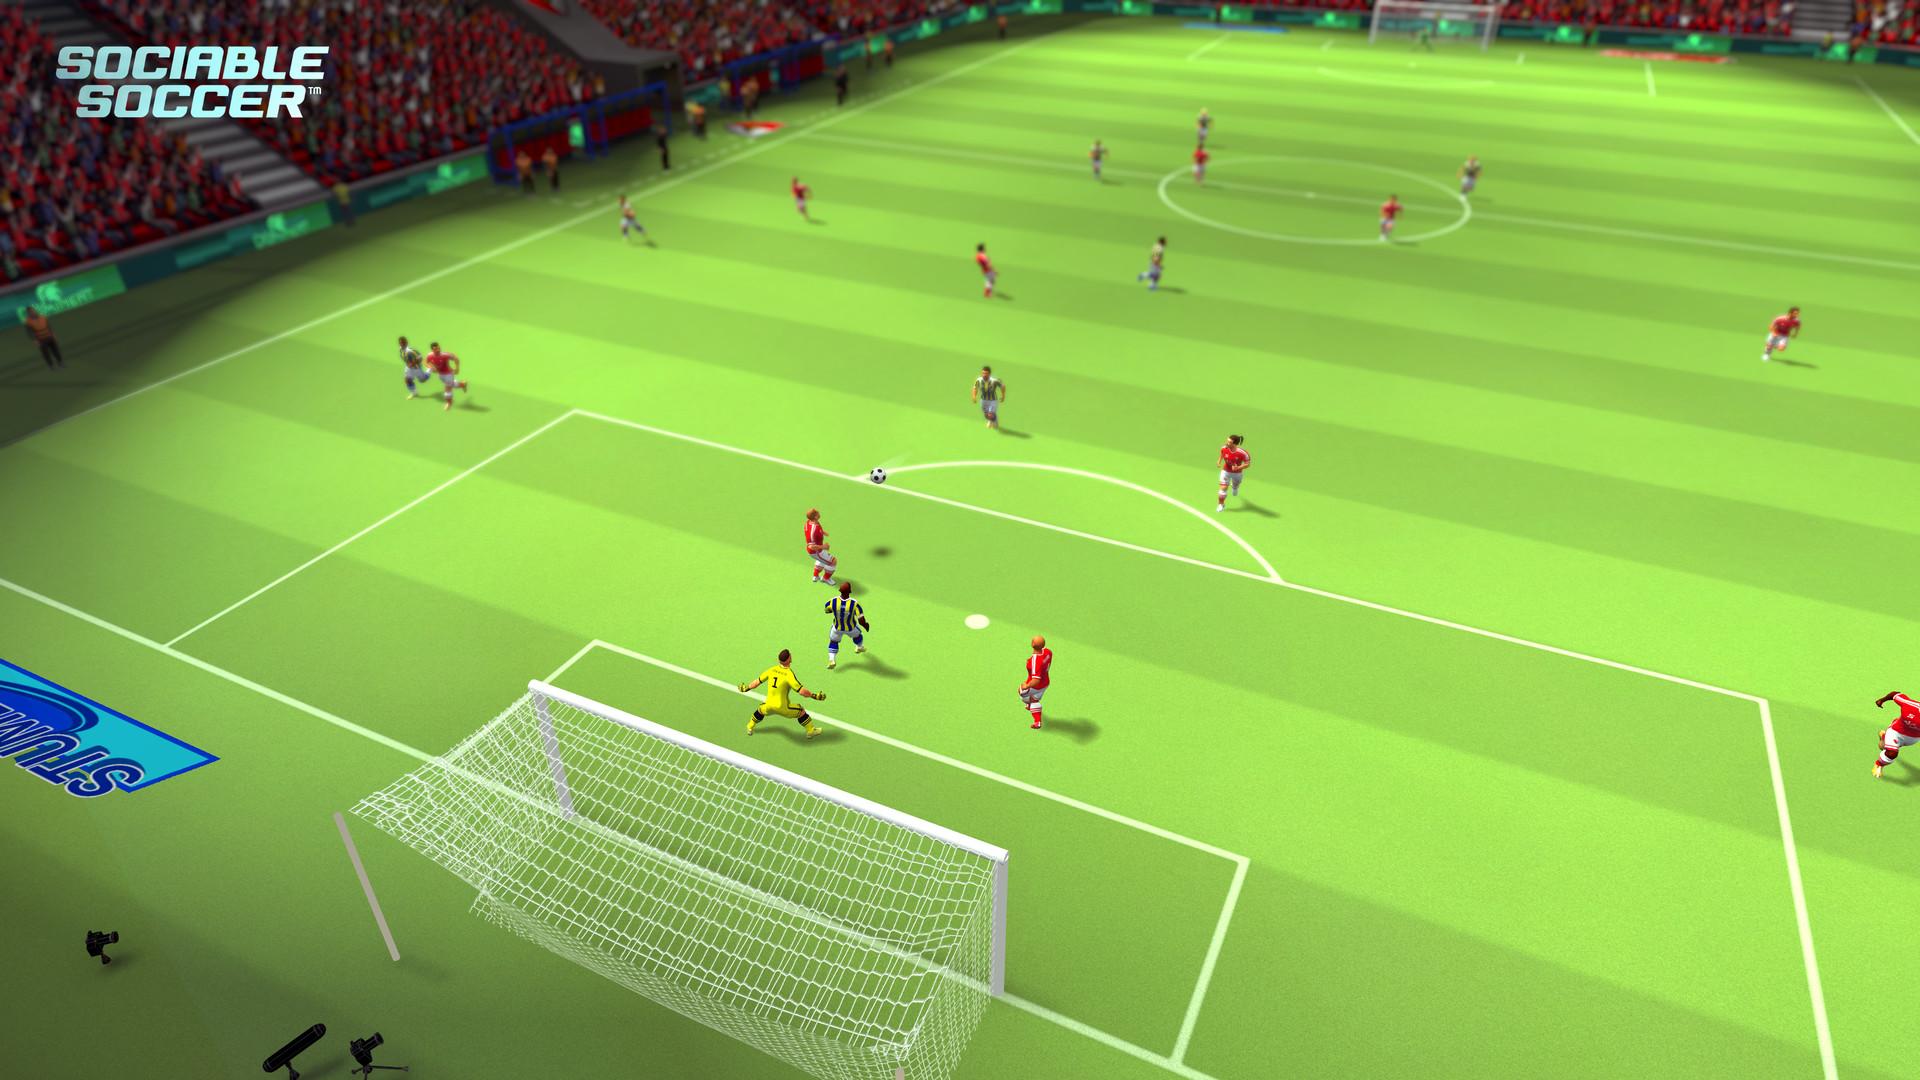 Sociable Soccer '22